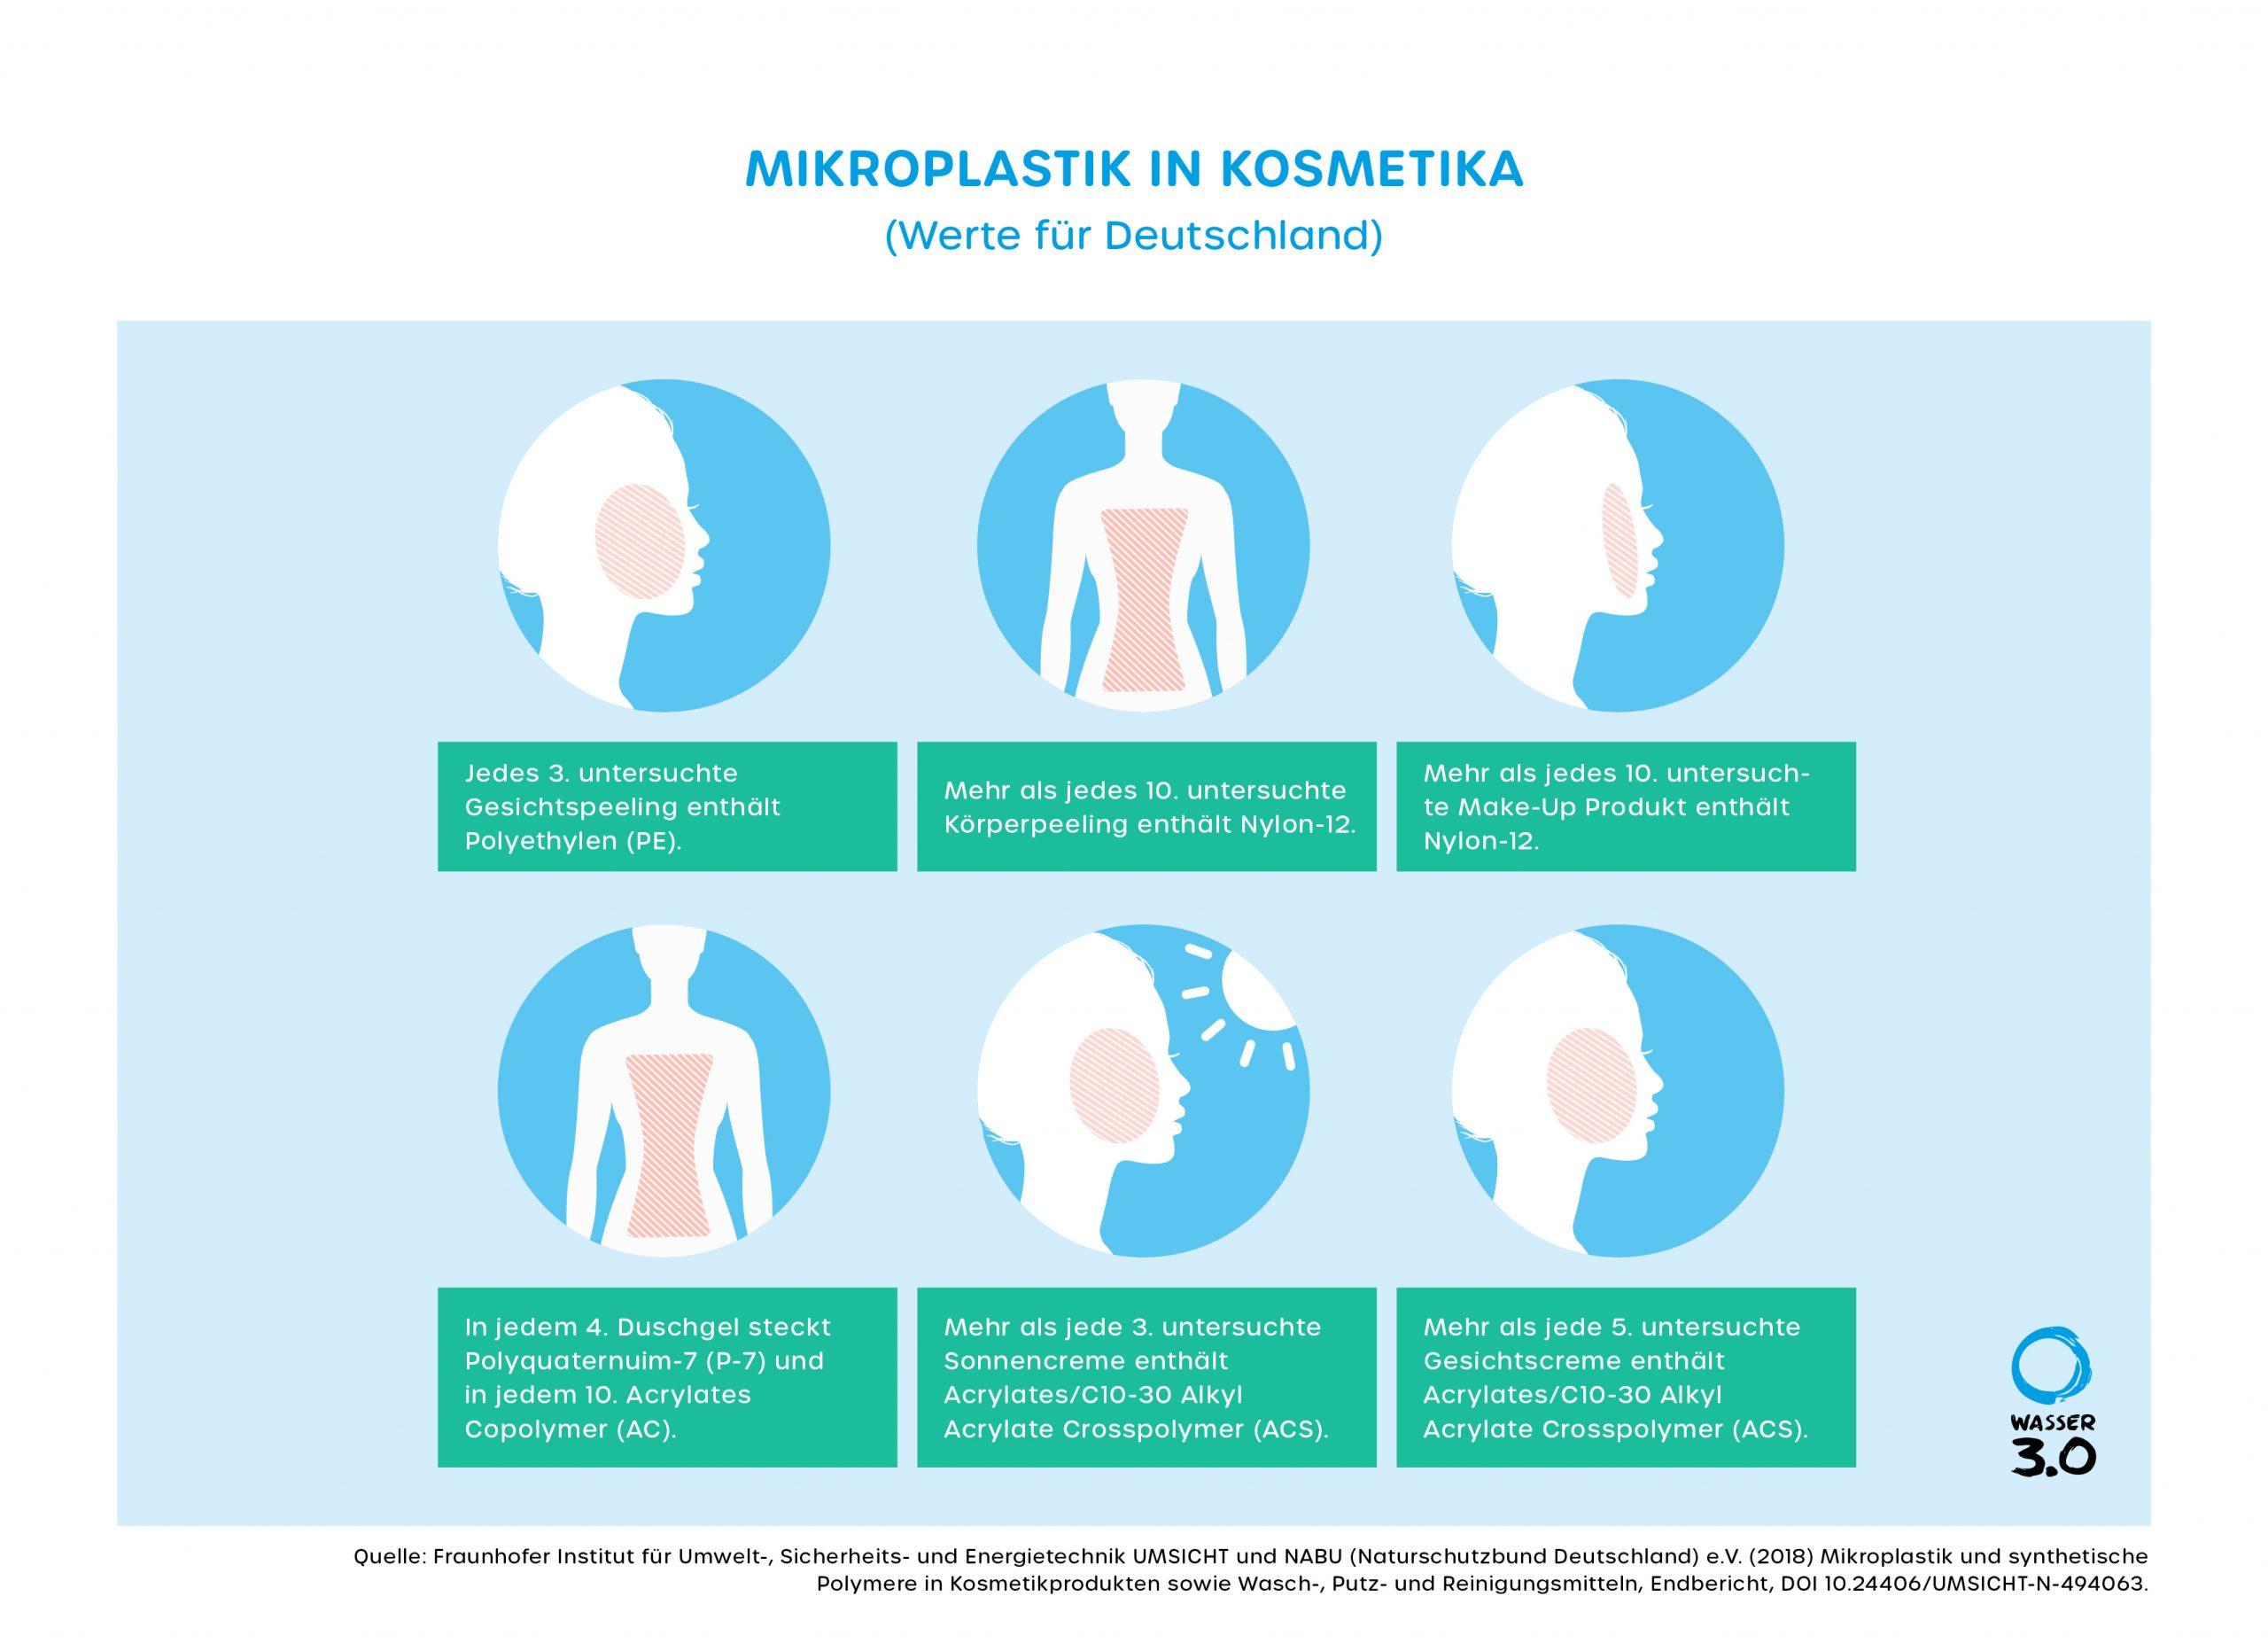 Mikroplastik in Kosmetika (Werte für Deutschland)